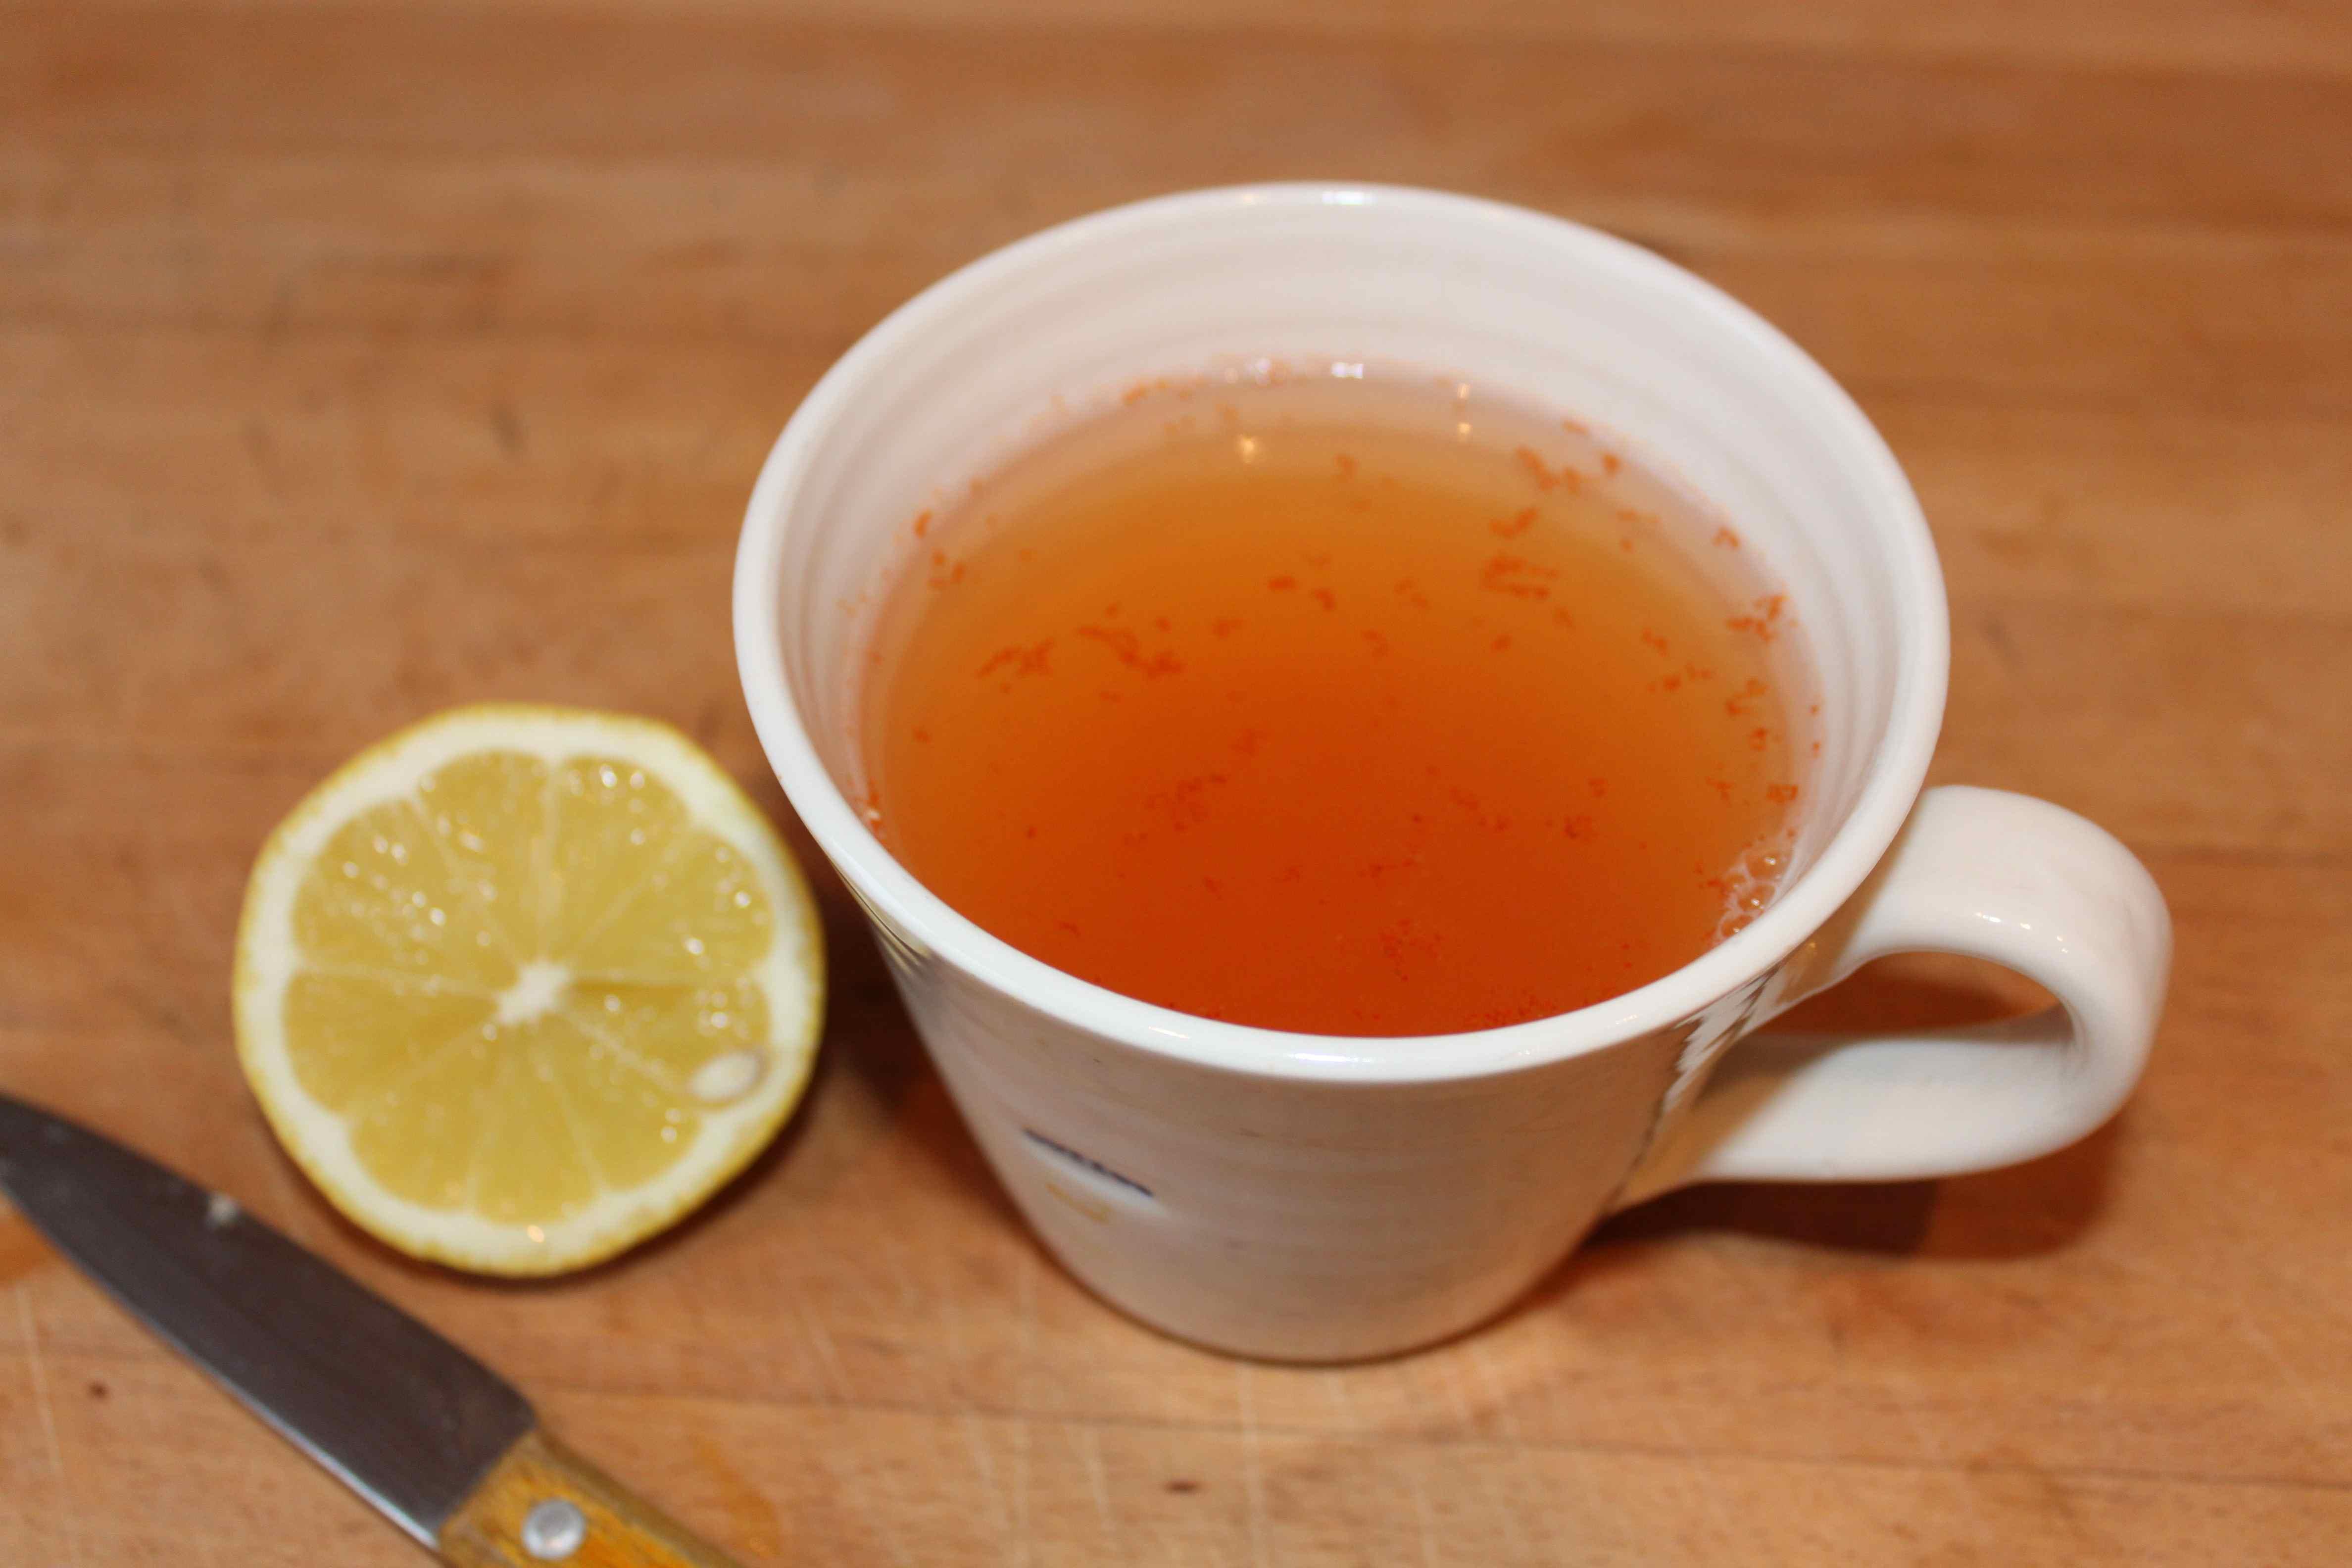 Кайенский перец и вода с лимоном - самый мощный напиток для детоксикац